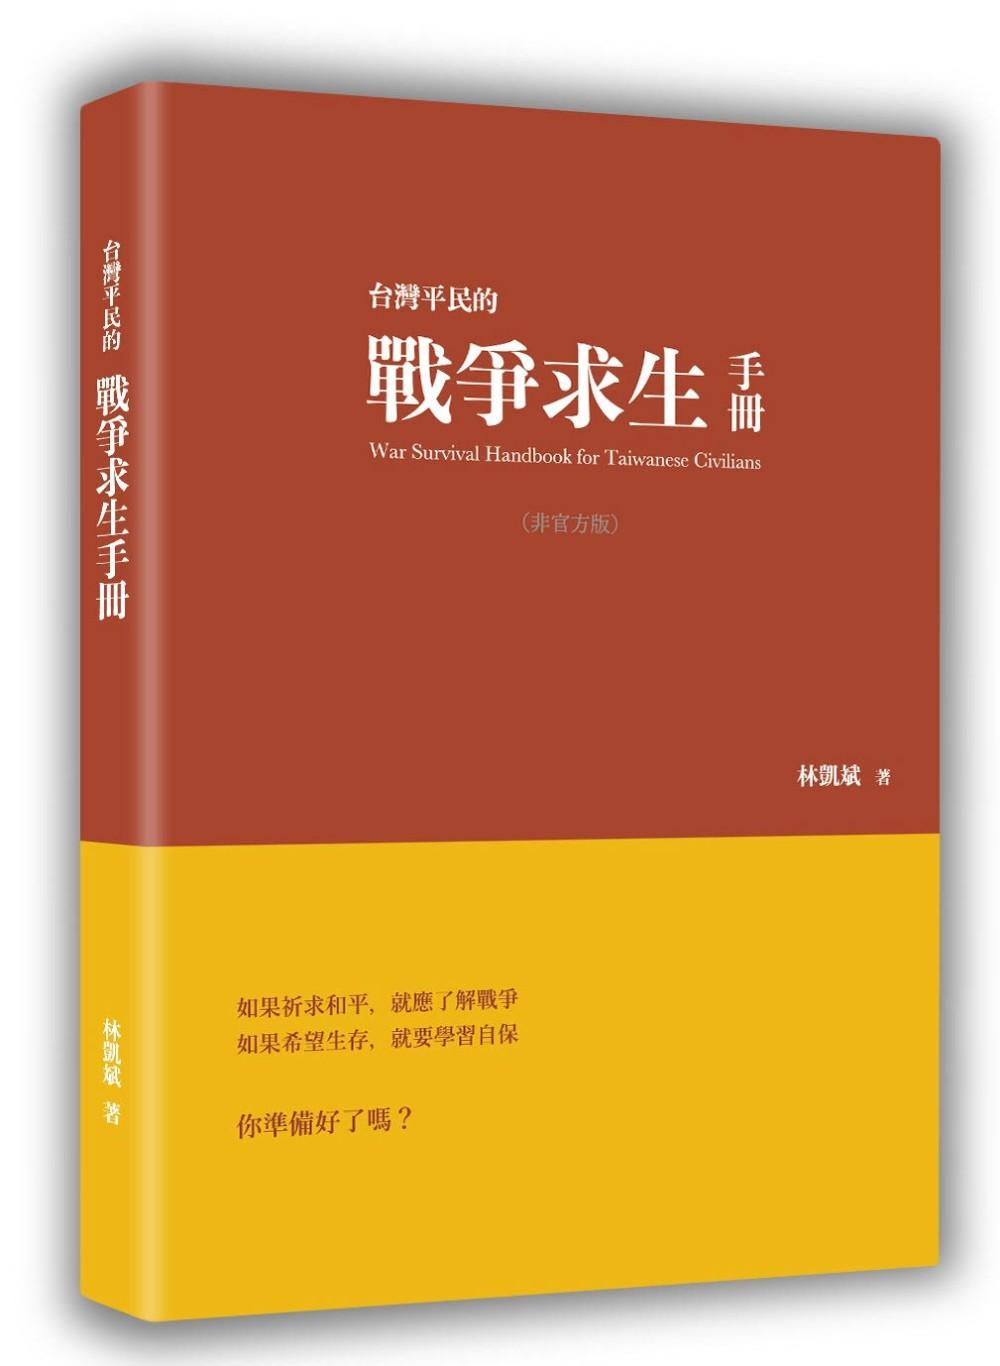 台灣平民的戰爭求生手冊(非官方...